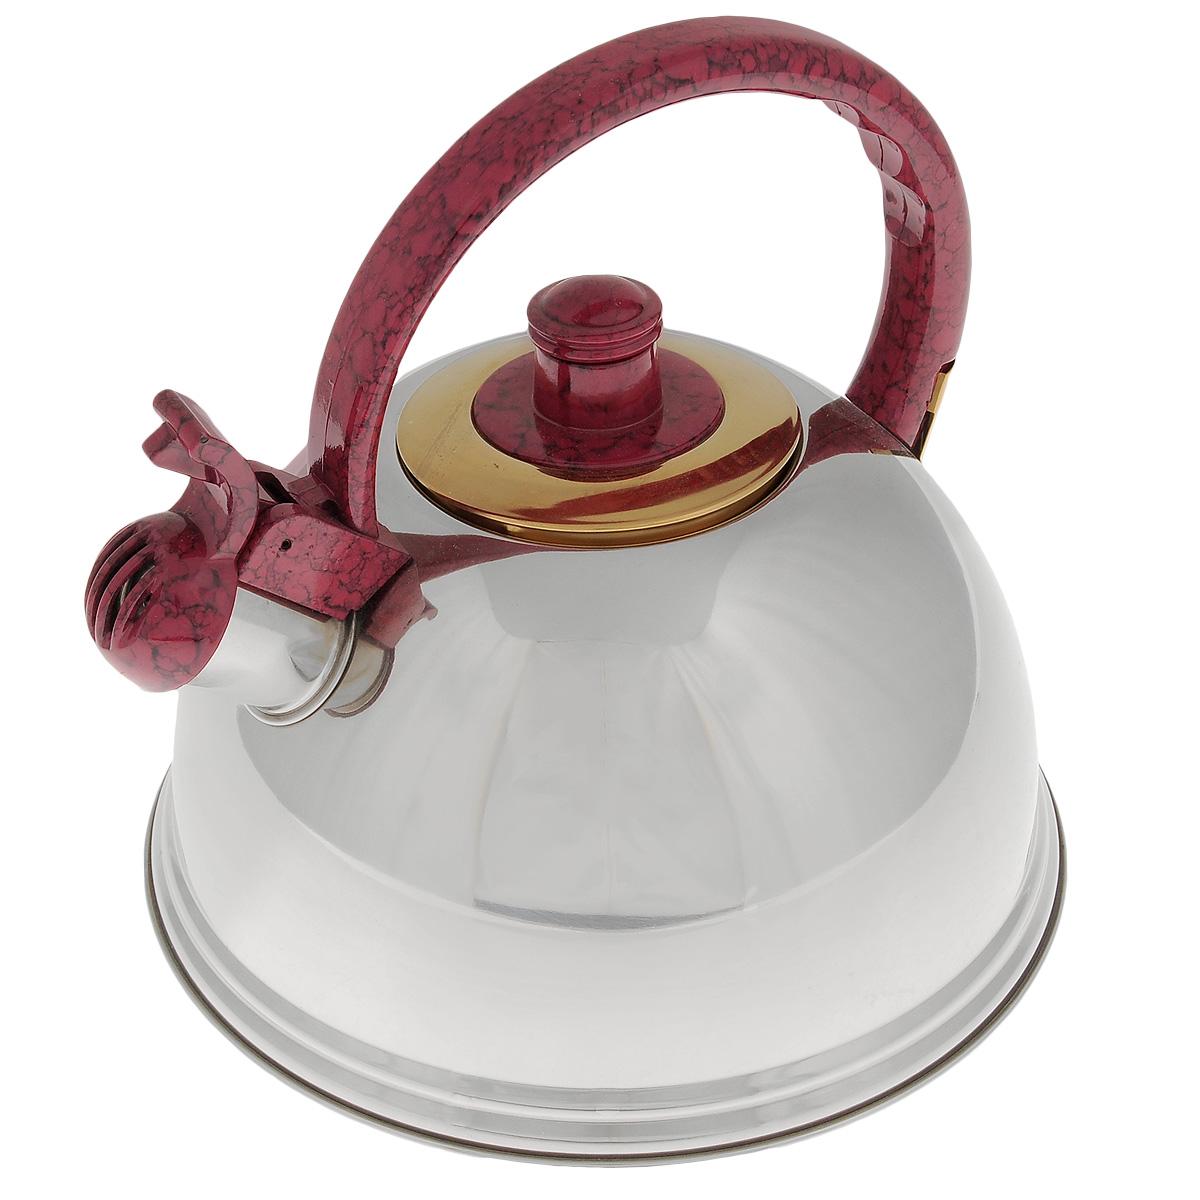 Чайник Mayer & Boch, со свистком, цвет: красный, 2,7 л. 2359423594Чайник Mayer & Boch выполнен из нержавеющей стали высокой прочности с зеркальной полировкой. Чайник оснащен откидным свистком, который громко оповестит о закипании воды. Удобная эргономичная ручка и крышка выполнены из нейлона. Такой чайник идеально впишется в интерьер любой кухни и станет замечательным подарком к любому случаю. Подходит для всех типов плит, кроме индукционных. Можно мыть в посудомоечной машине. Диаметр чайника по верхнему краю: 8,5 см. Высота чайника (с учетом ручки): 21 см.